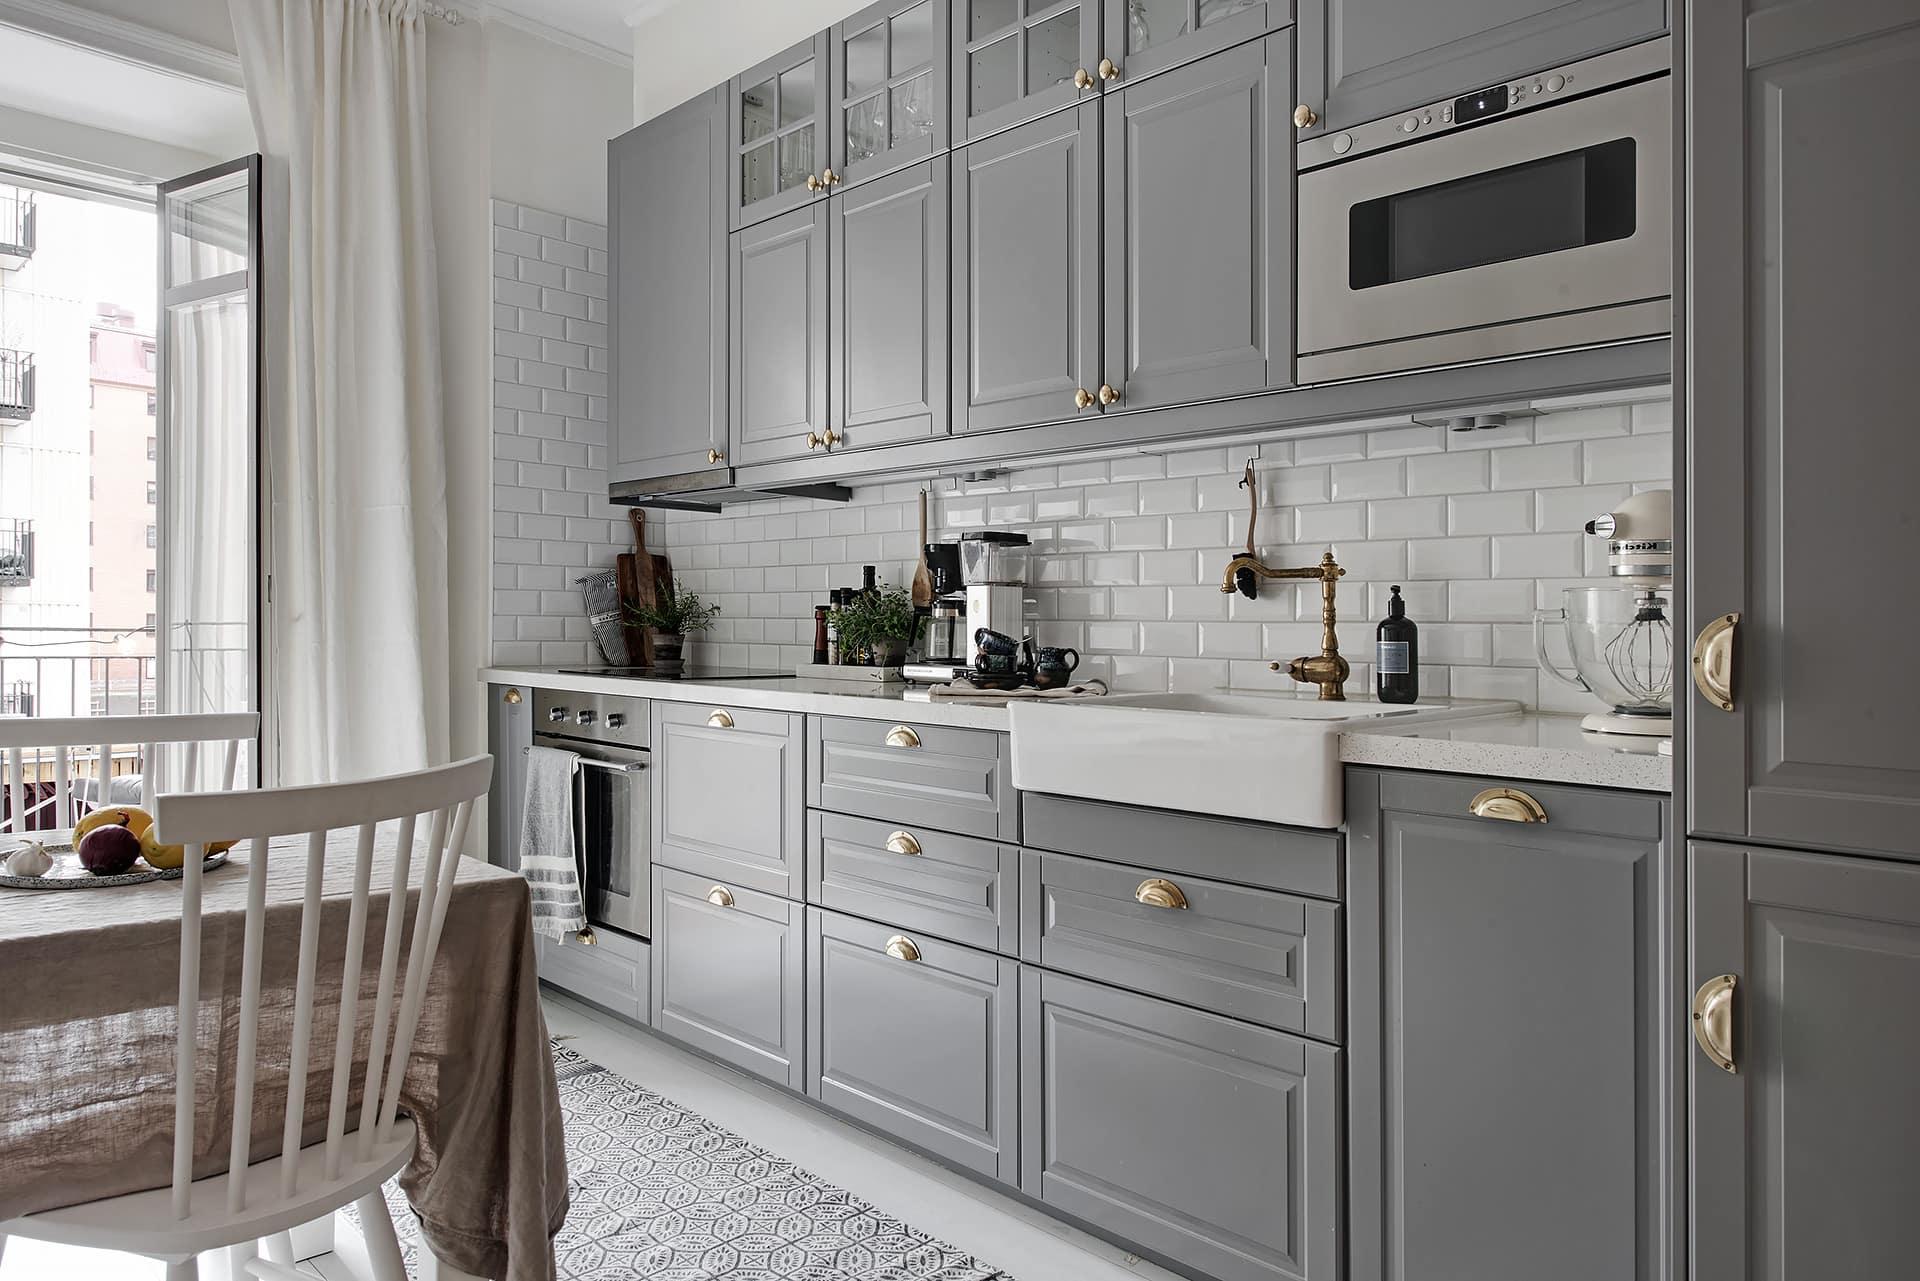 Les façades en bois naturel peintes en gris noble créent une ambiance particulière dans n'importe quel style de pièce.